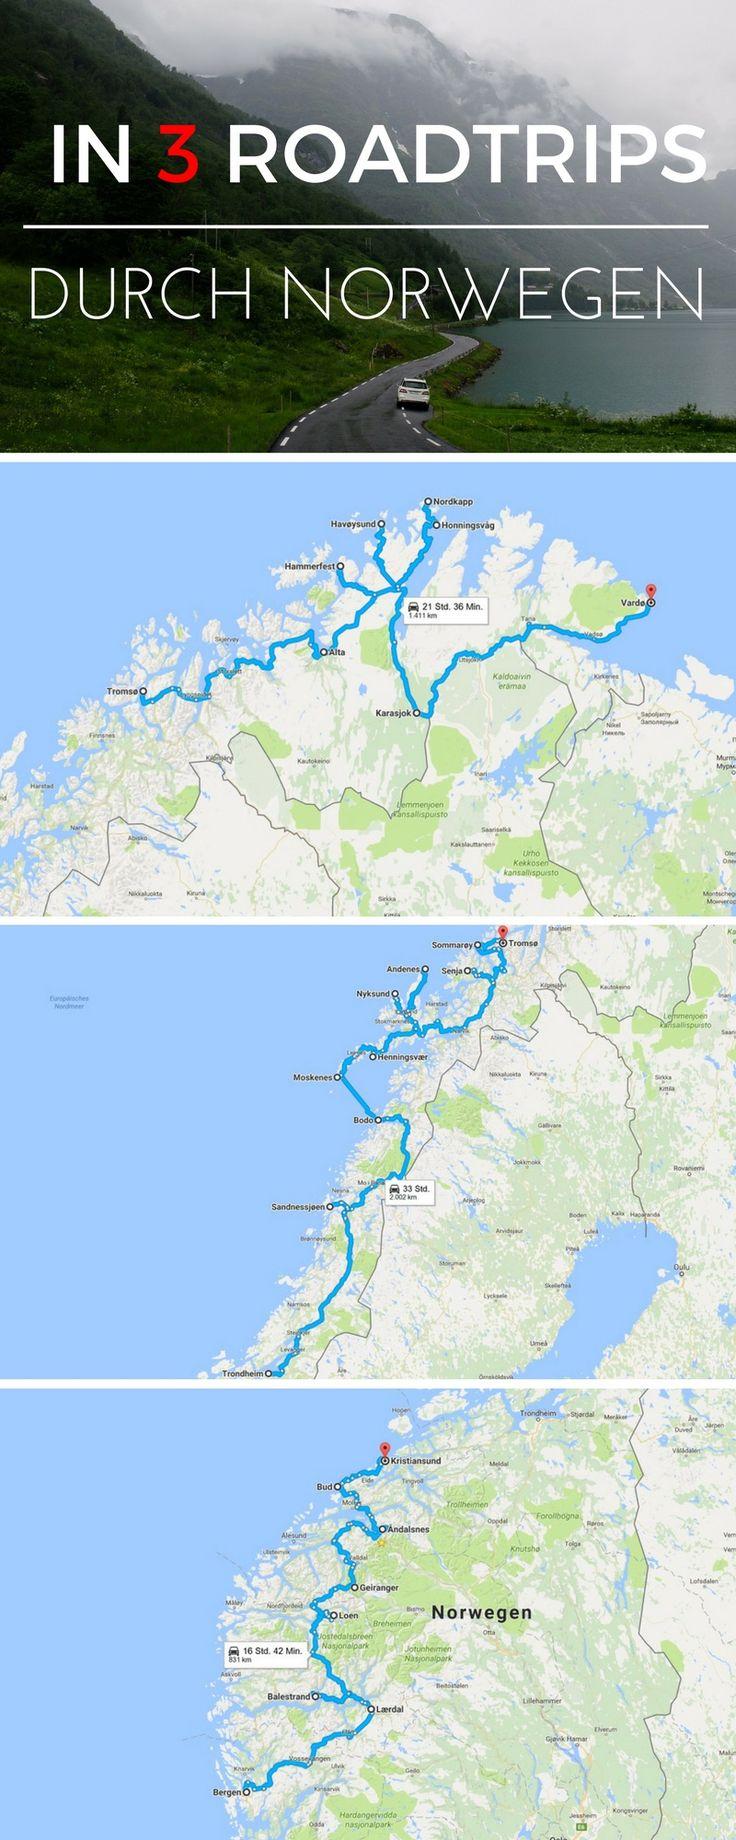 Norwegen mit dem Auto! Hier findet ihr 3 tolle Routenvorschläge für einen Roadtrip durch Norwegen mit vielen Tipps und Infos zu den Strecken!